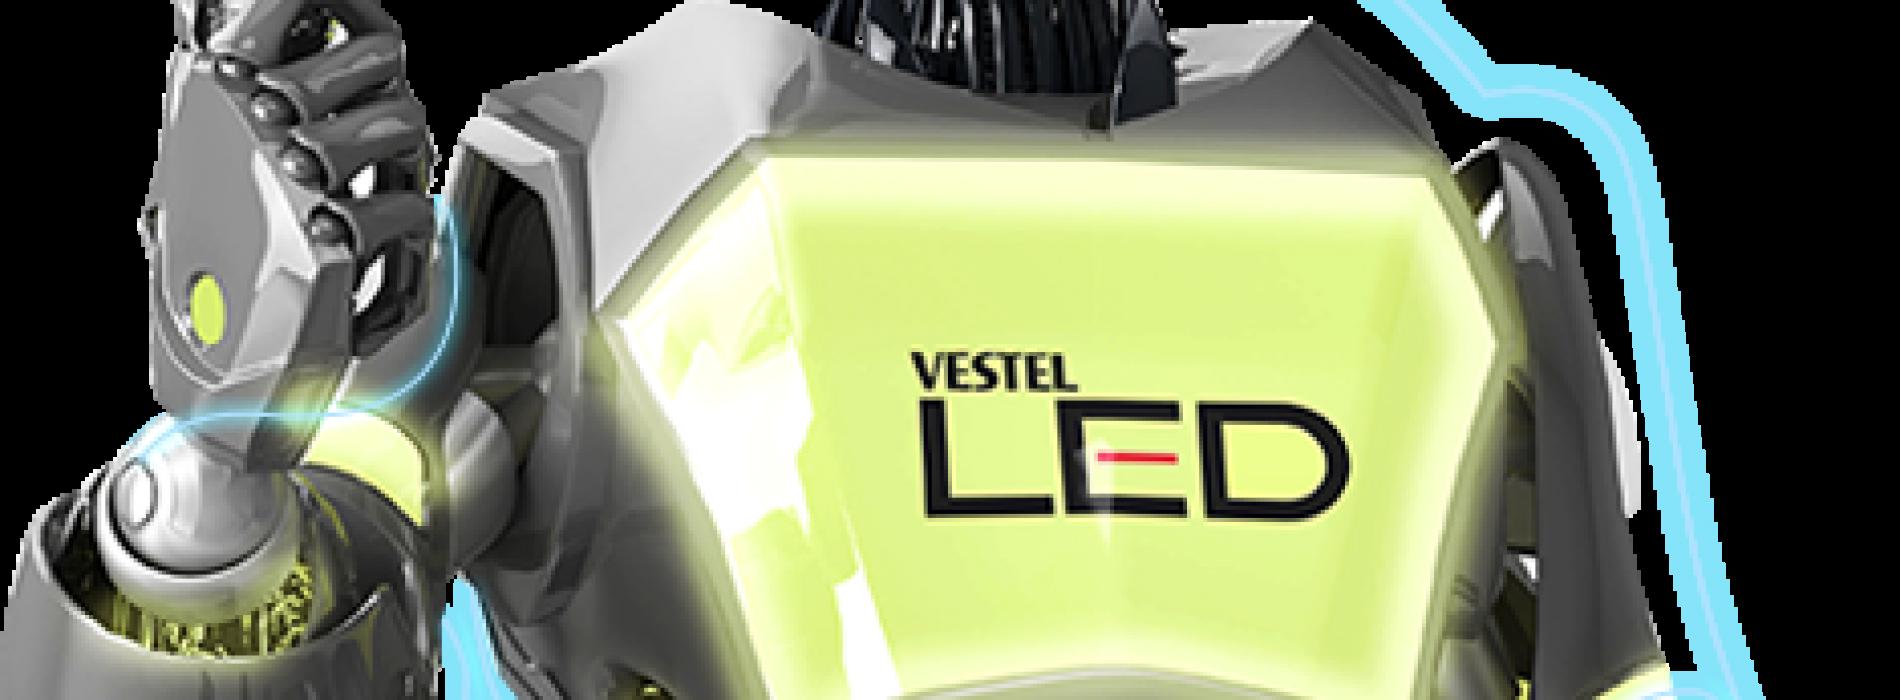 Vestel! Un géant mondial est notre nouveau client.